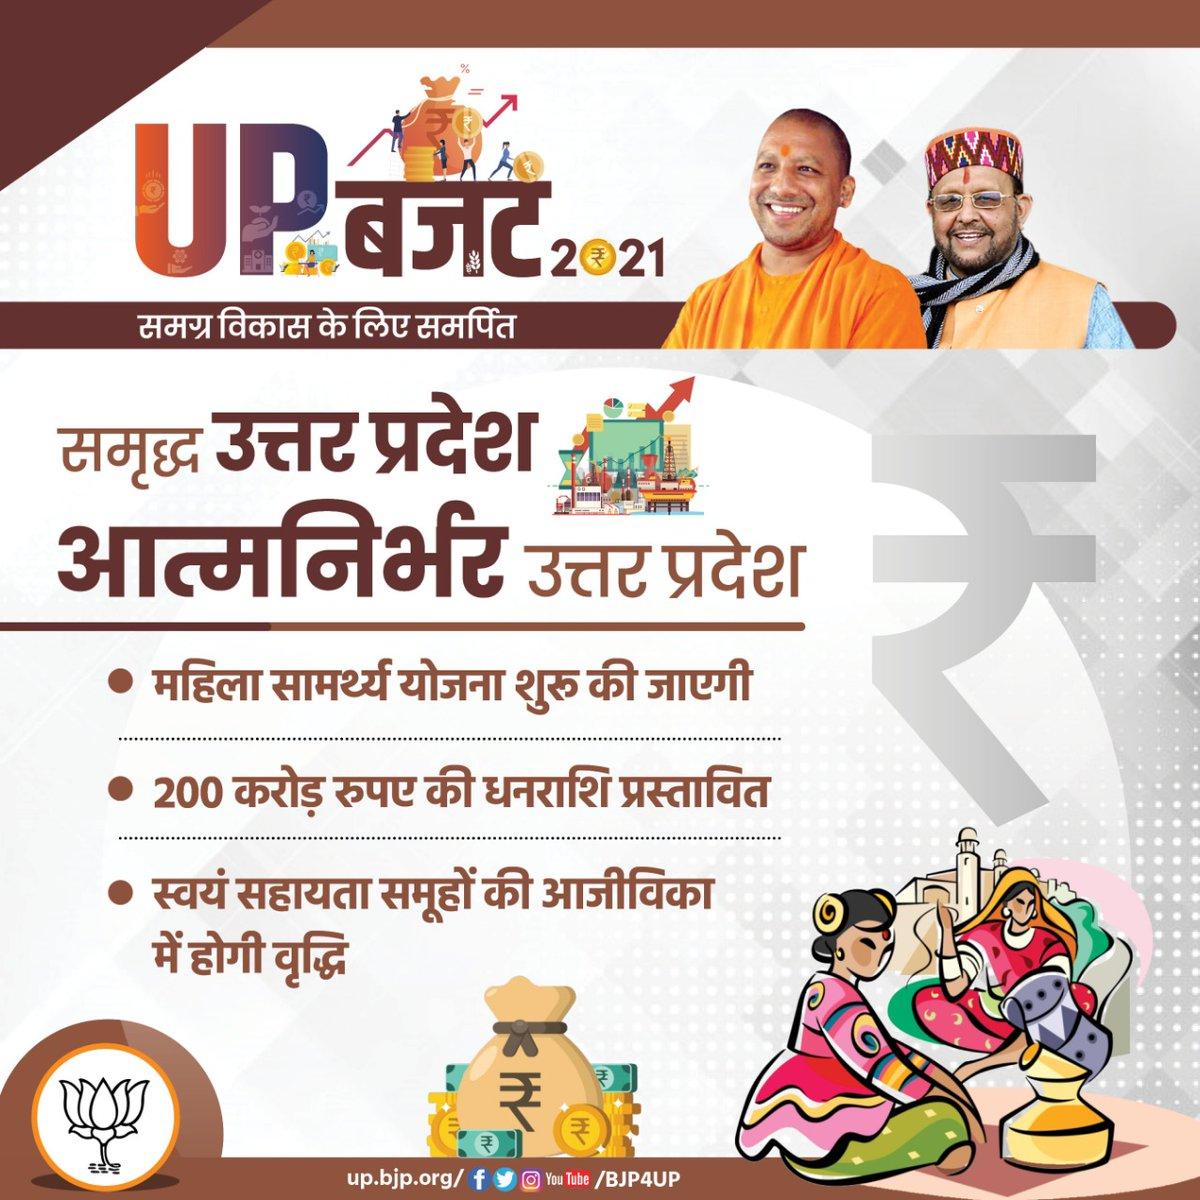 """BJP Uttar Pradesh в Twitter: """"समृद्ध उत्तर प्रदेश, आत्मनिर्भर उत्तर प्रदेश महिला  सामर्थ्य योजना शुरू की जाएगी 200 करोड़ रुपए की धनराशि प्रस्तावित स्वयं ..."""